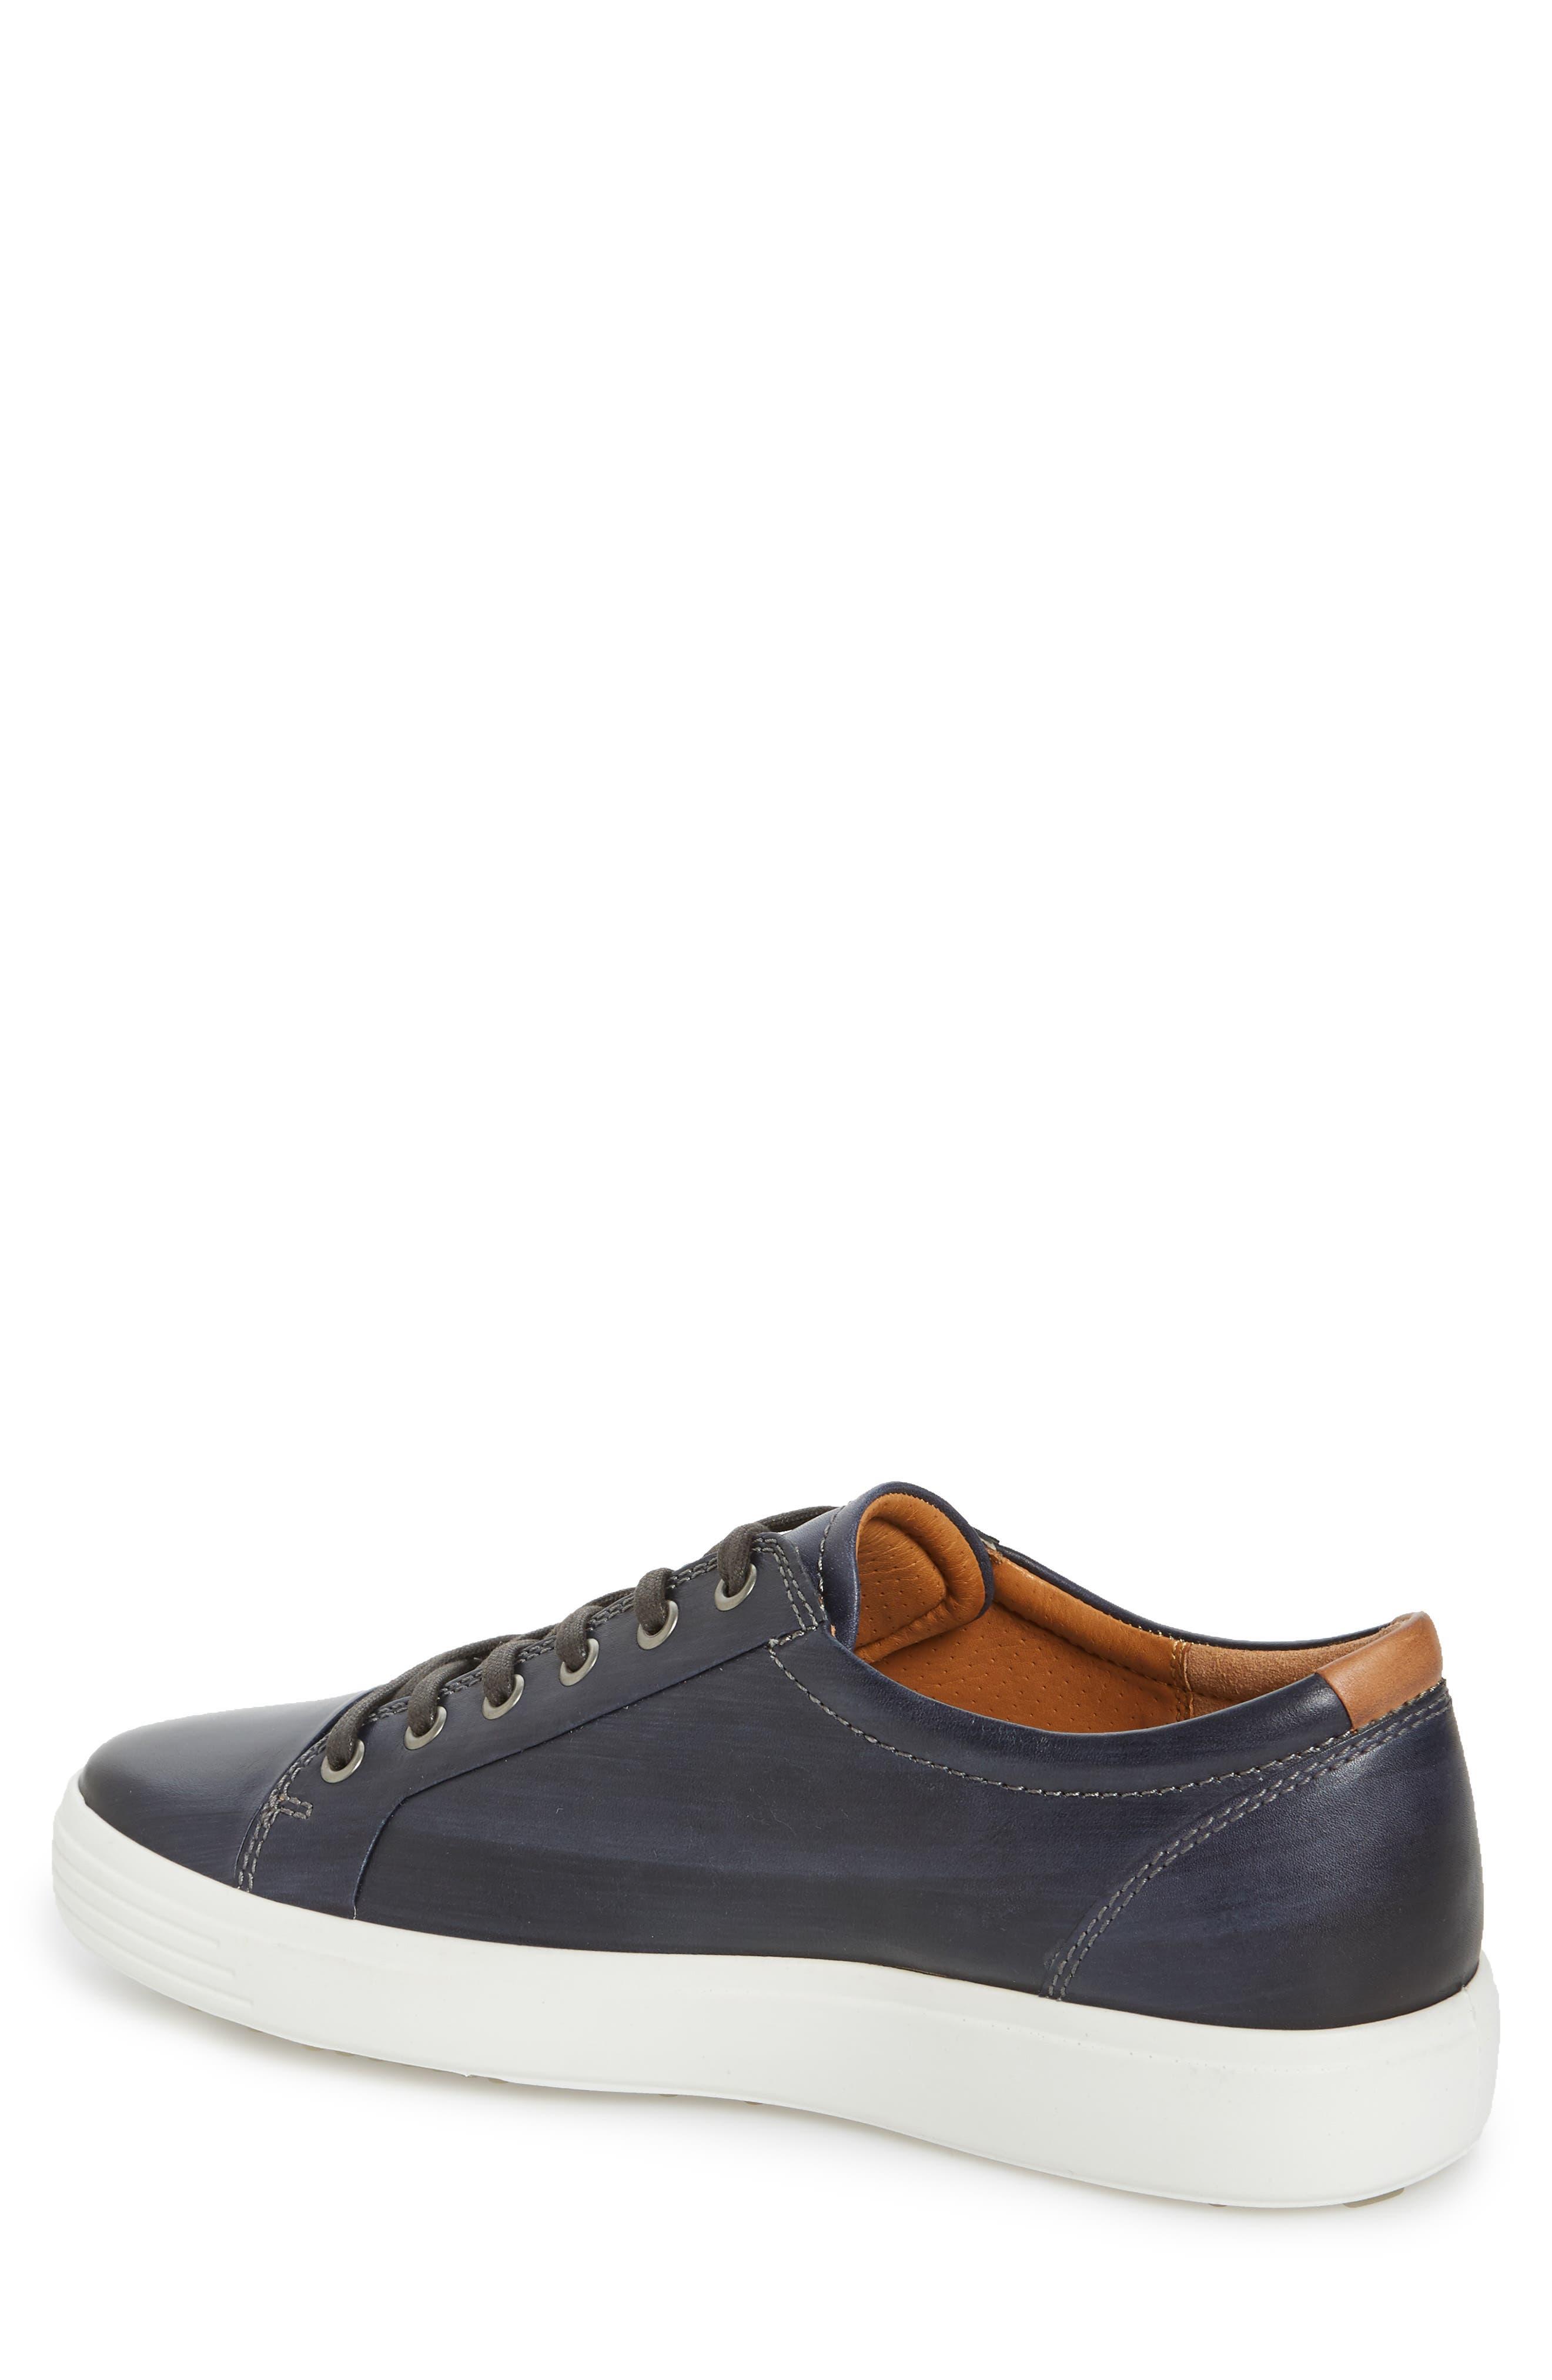 Soft 7 Sneaker,                             Alternate thumbnail 6, color,